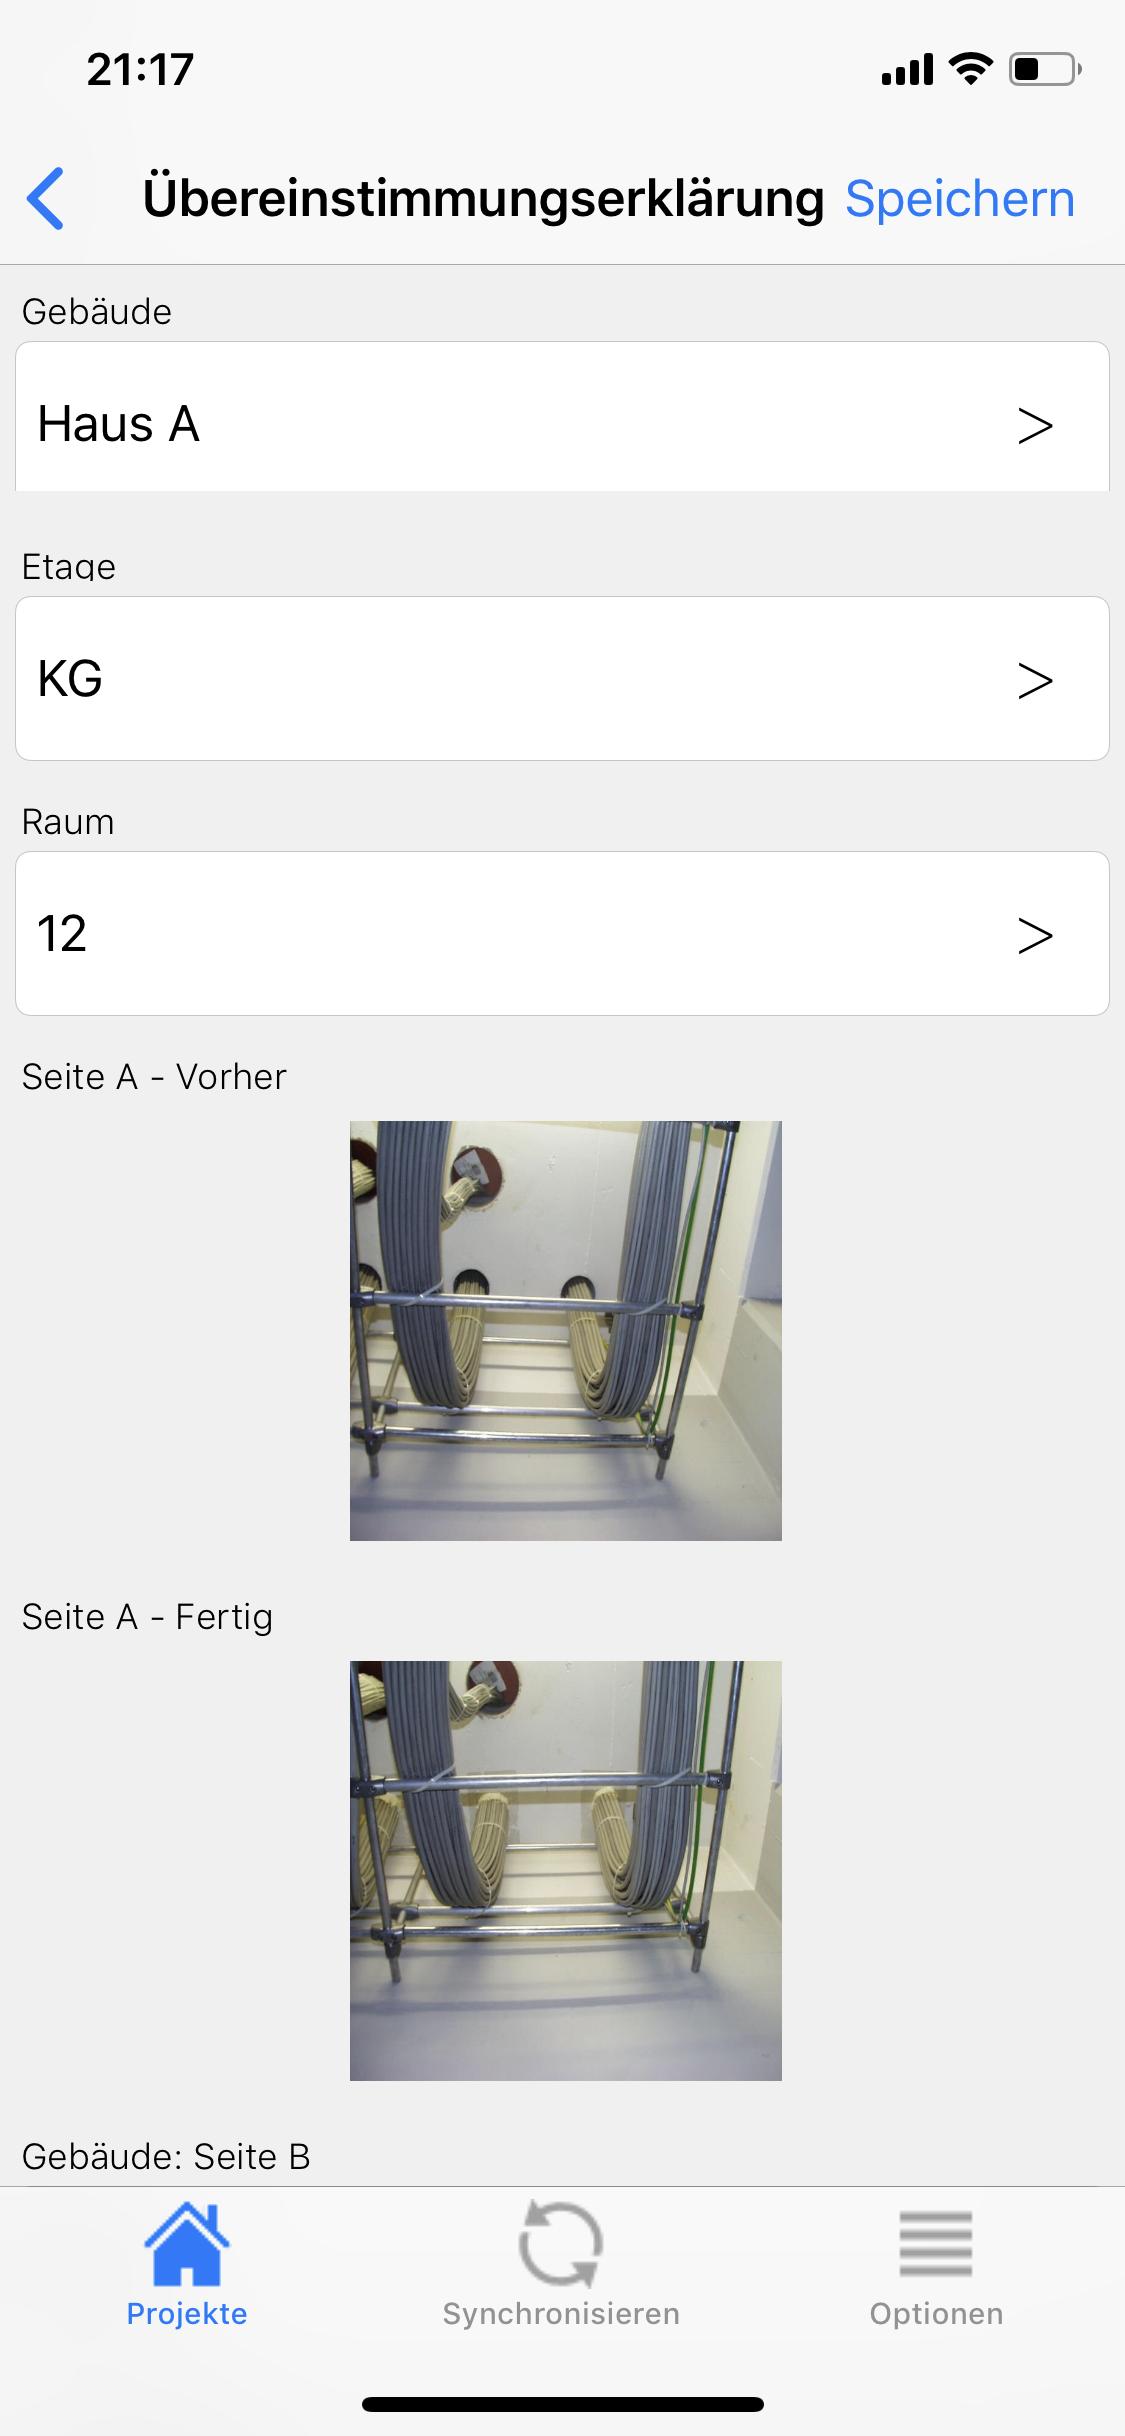 brandschott-dokumentation-handy-smartphone-uebereinstimmungserklaerung